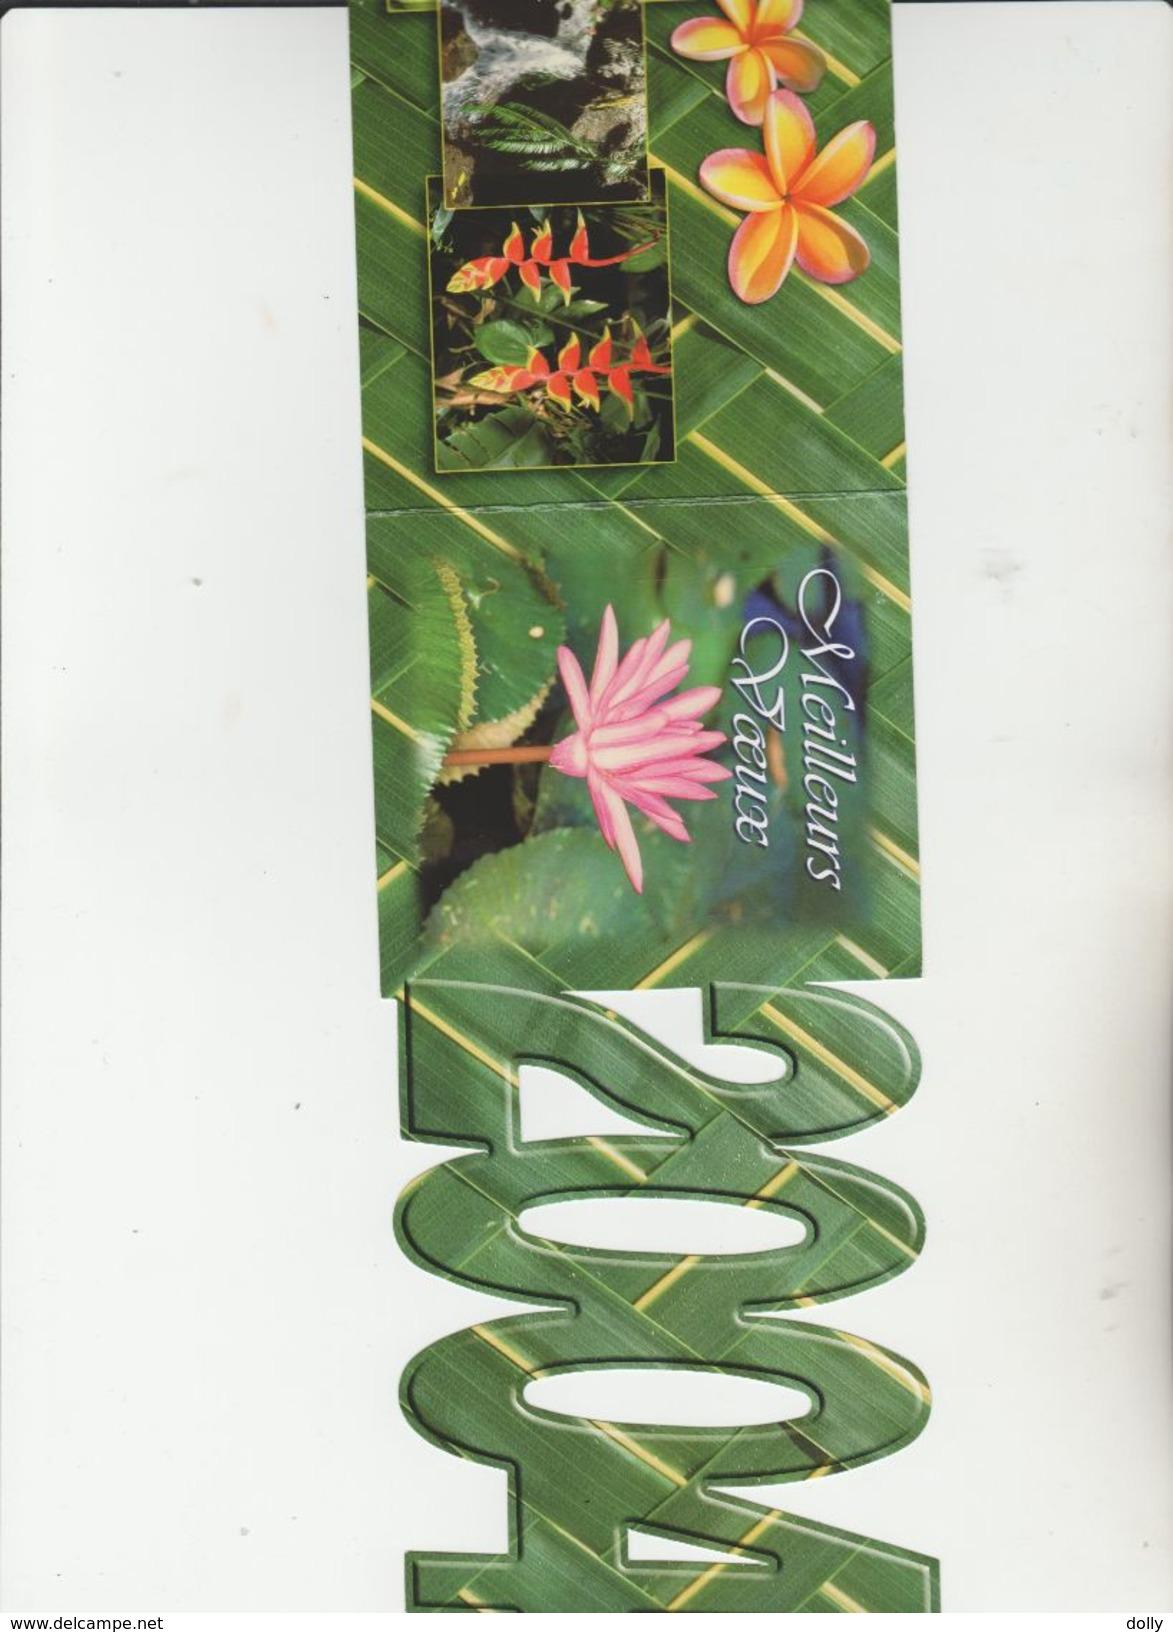 CARTE POSTALE NEUF + CIRCULES DE TAHITI ,MEILLEURS VOEUX DE TAHITI ,, LA ORANA I TE MATAHITI API,, 2 PIECES - Tahiti